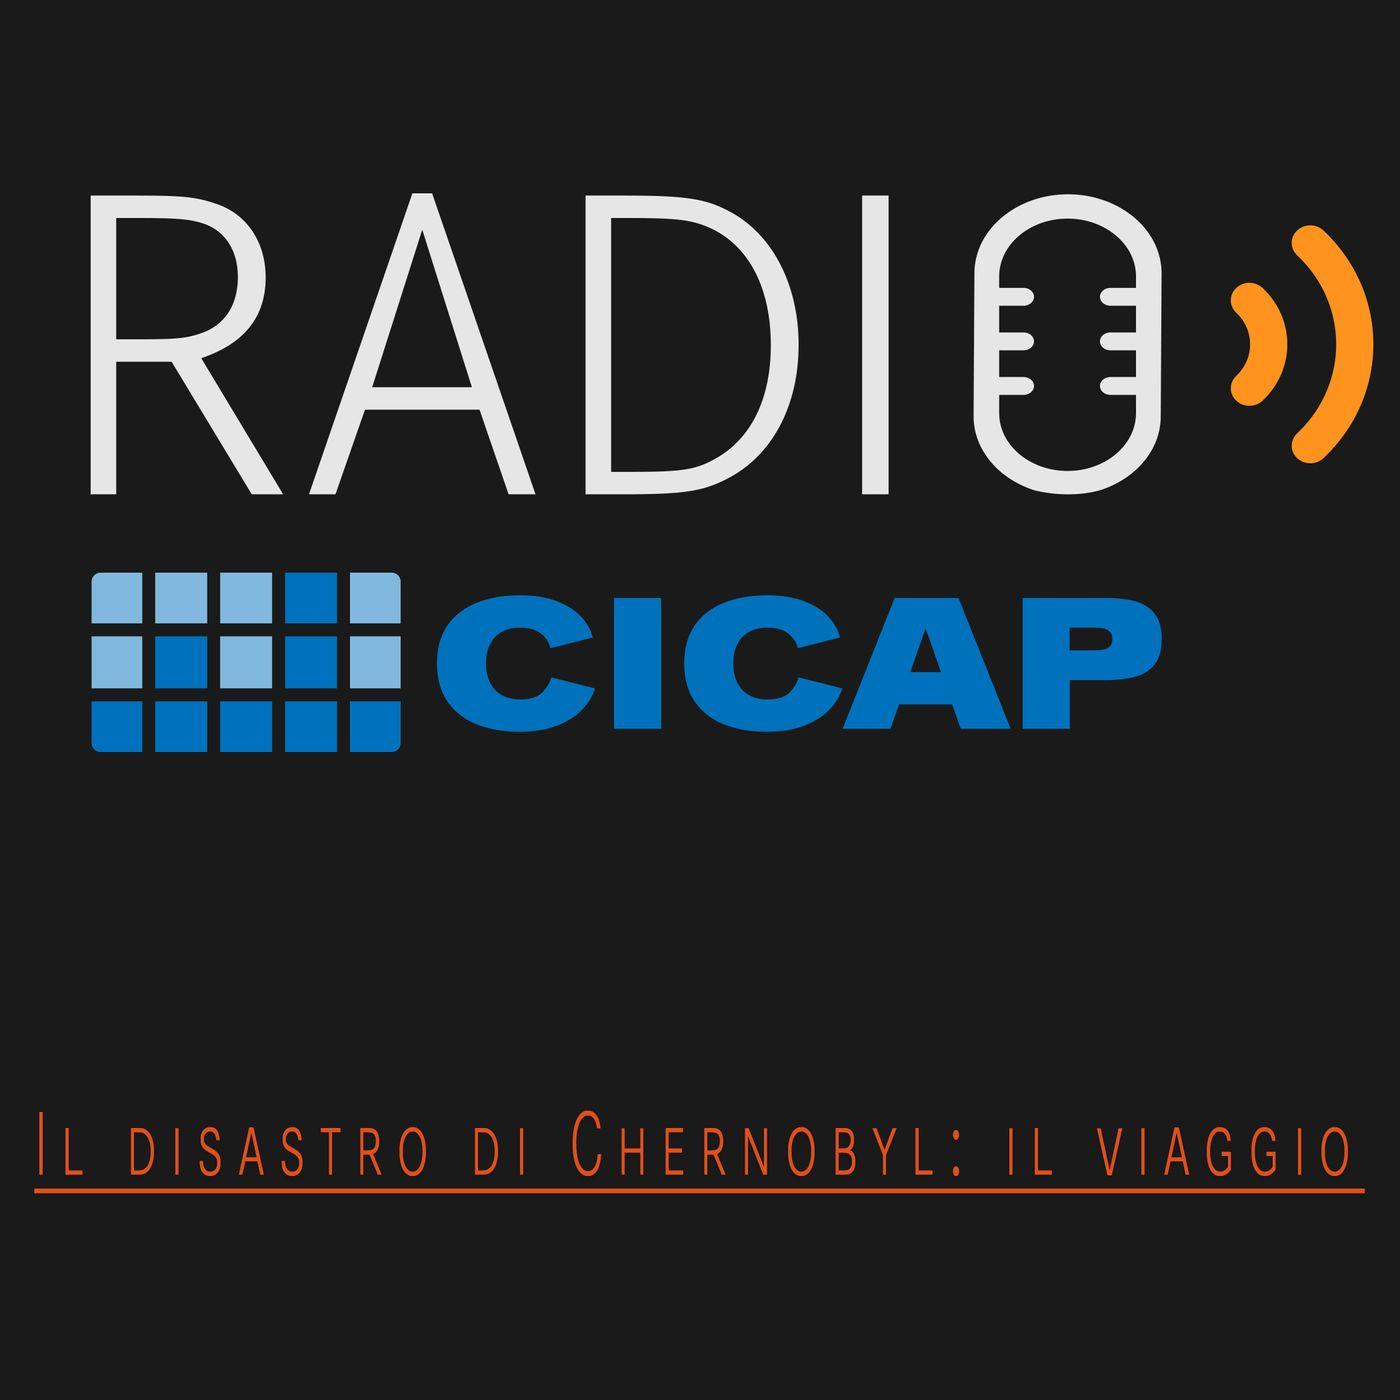 Il disastro di Chernobyl: il viaggio - con Silvia Kuna Ballero